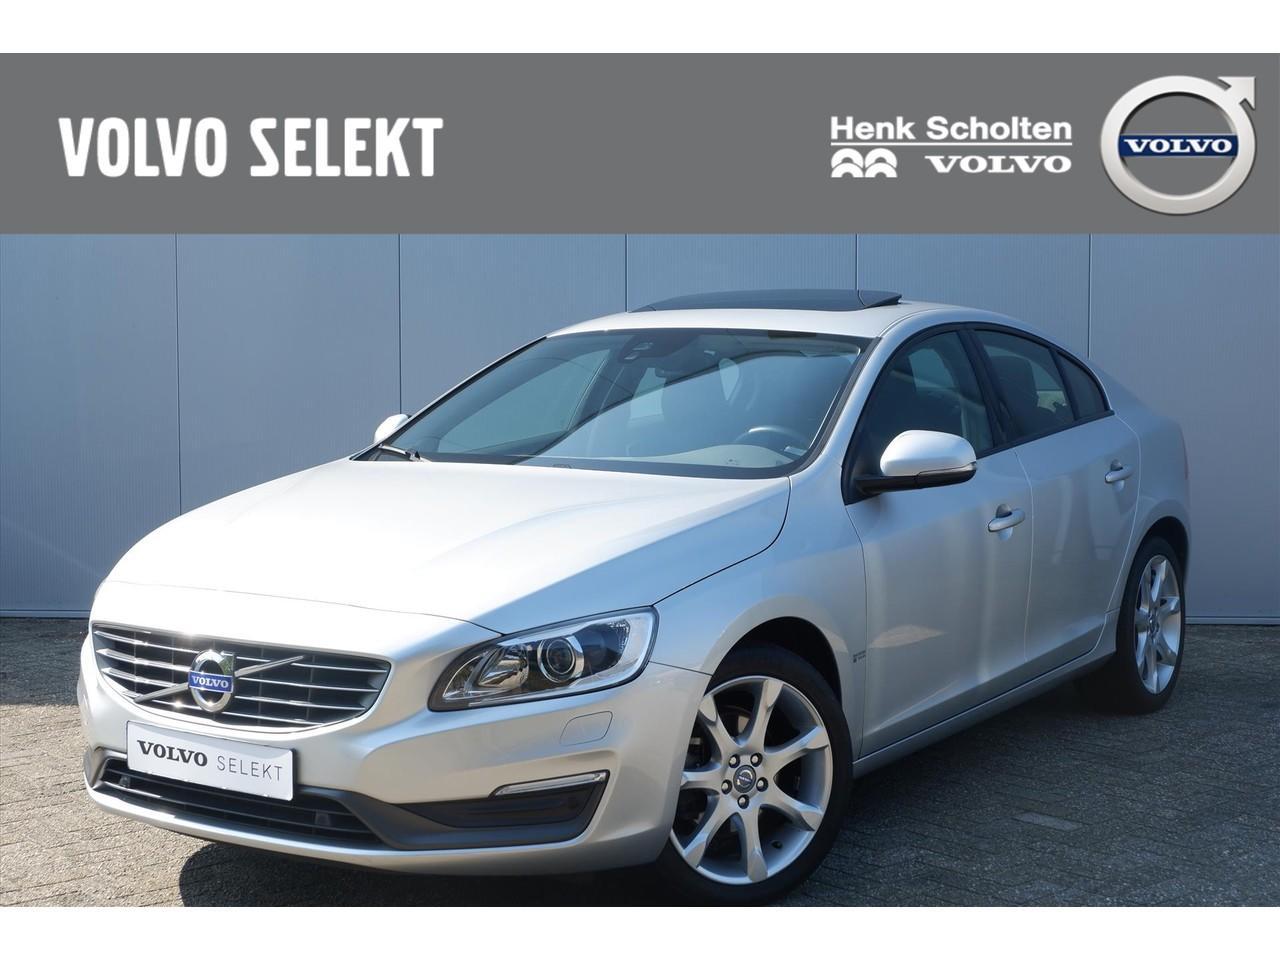 Volvo S60 D2 115pk xenon/ schuifdak/ park assist v+a